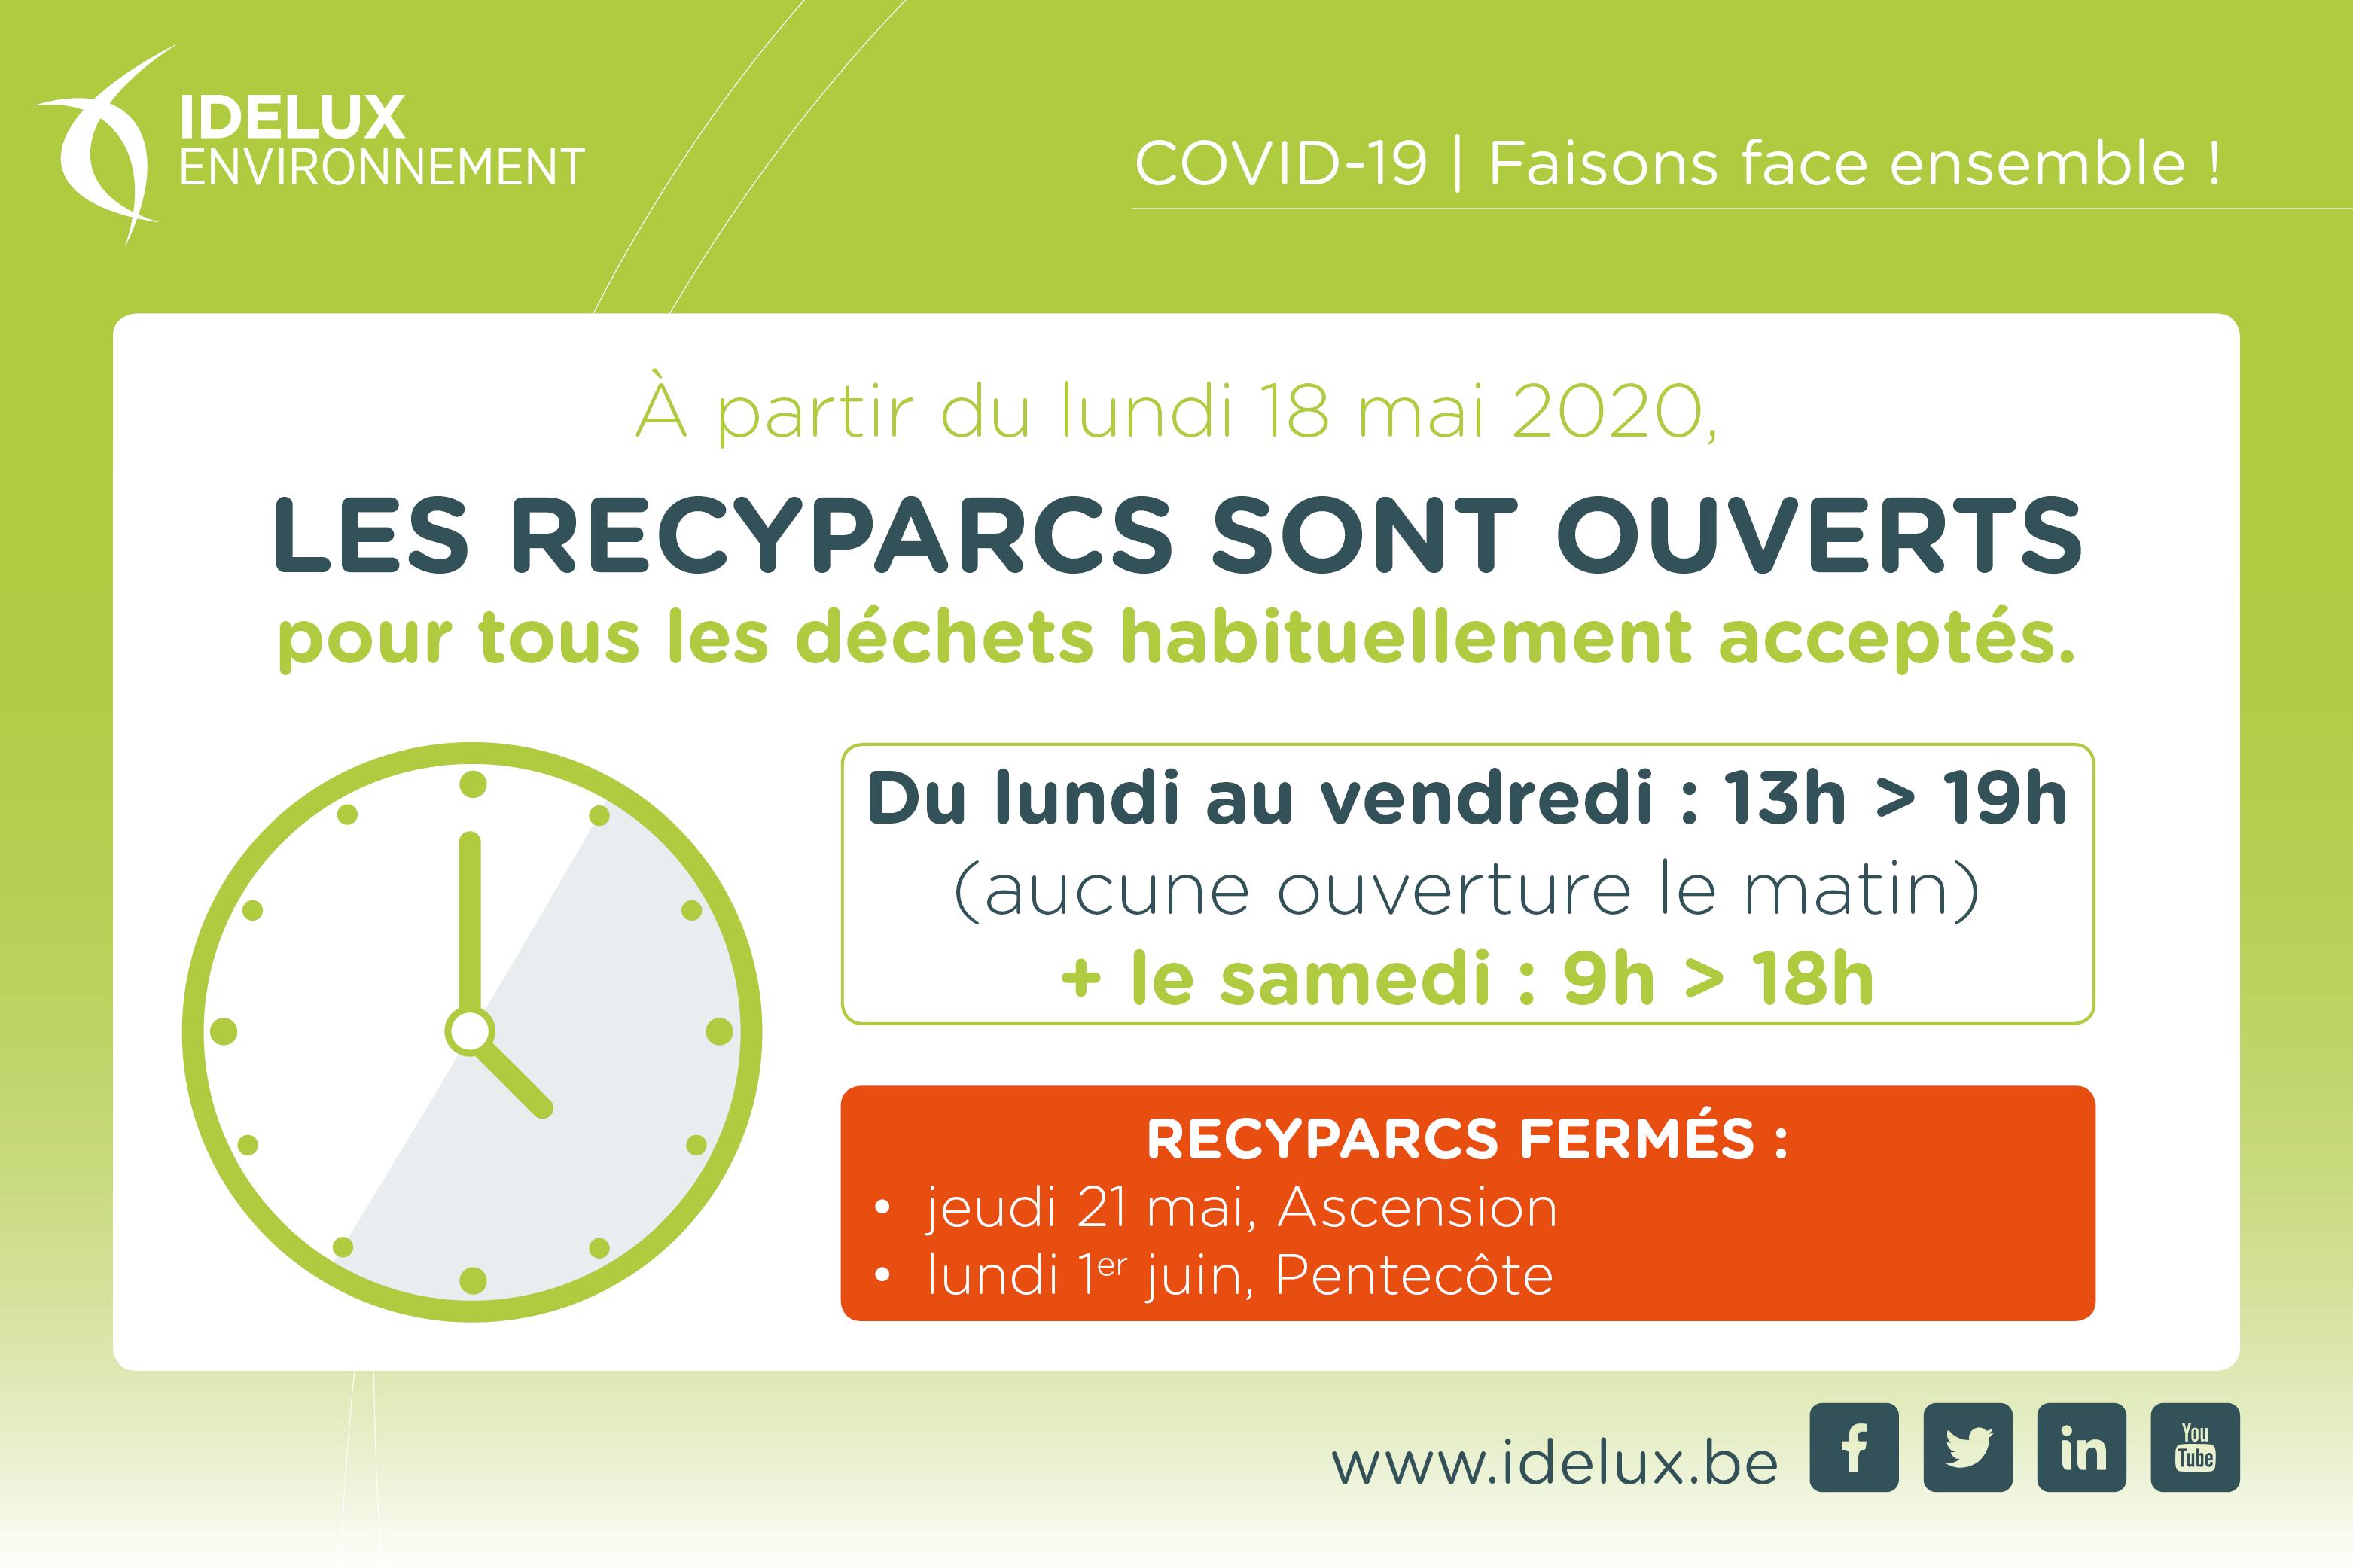 20200515 - nouveaux horeaires recyparcs et tous déchets acceptés.png